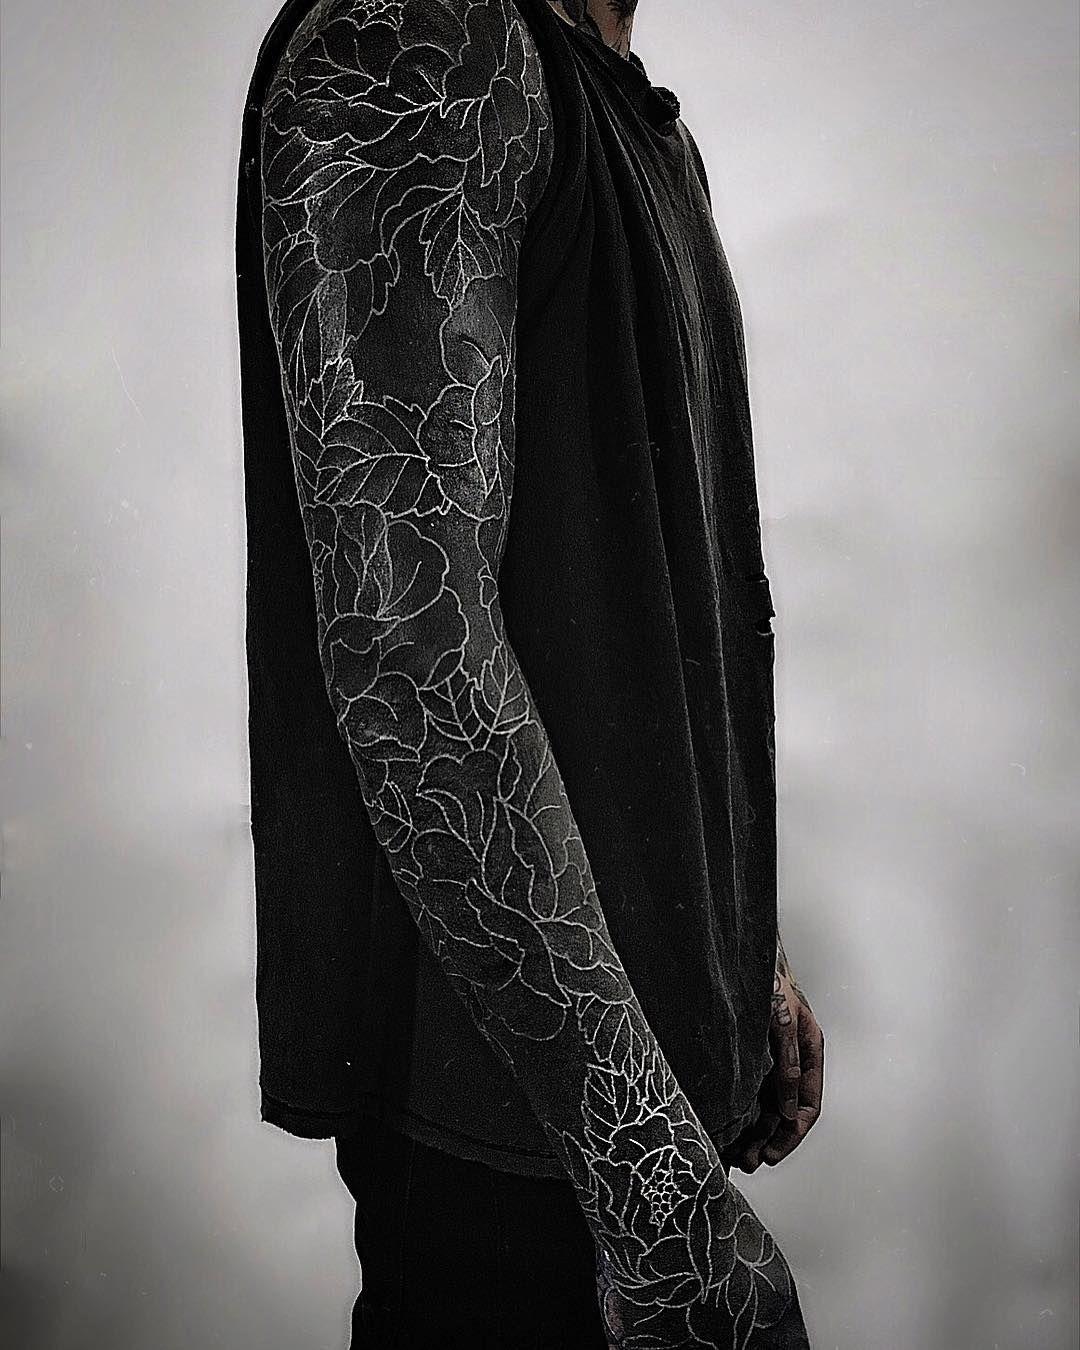 Oliver Sykes All Black Tattoos Black Sleeve Tattoo Solid Black Tattoo